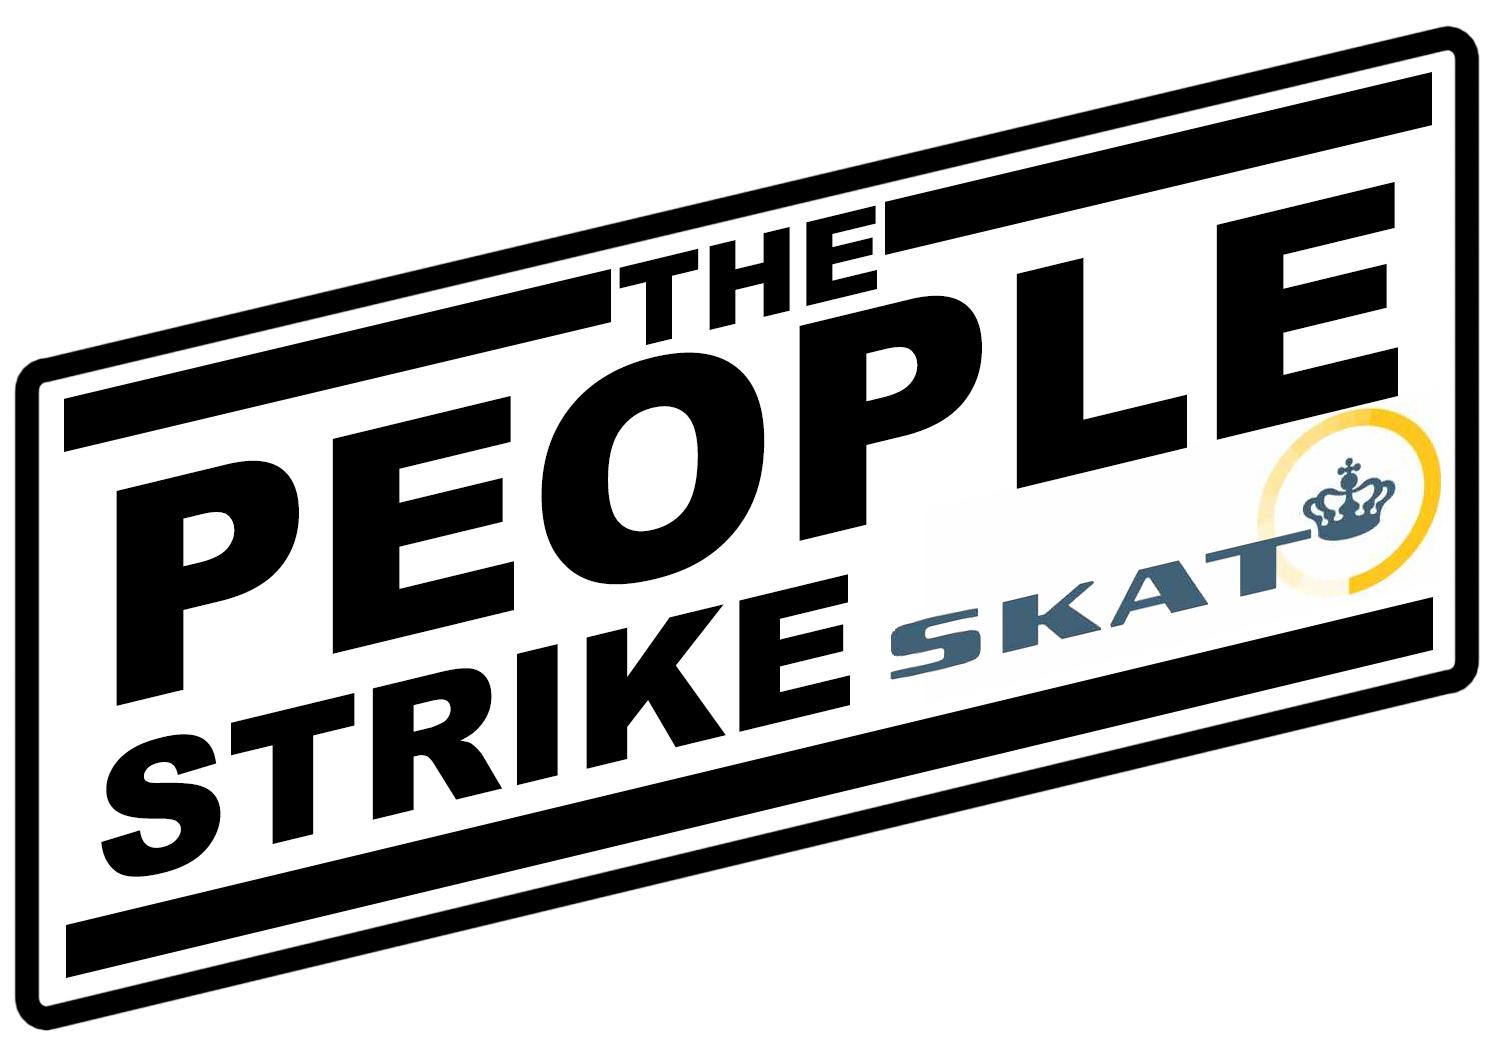 peoplestrike.png